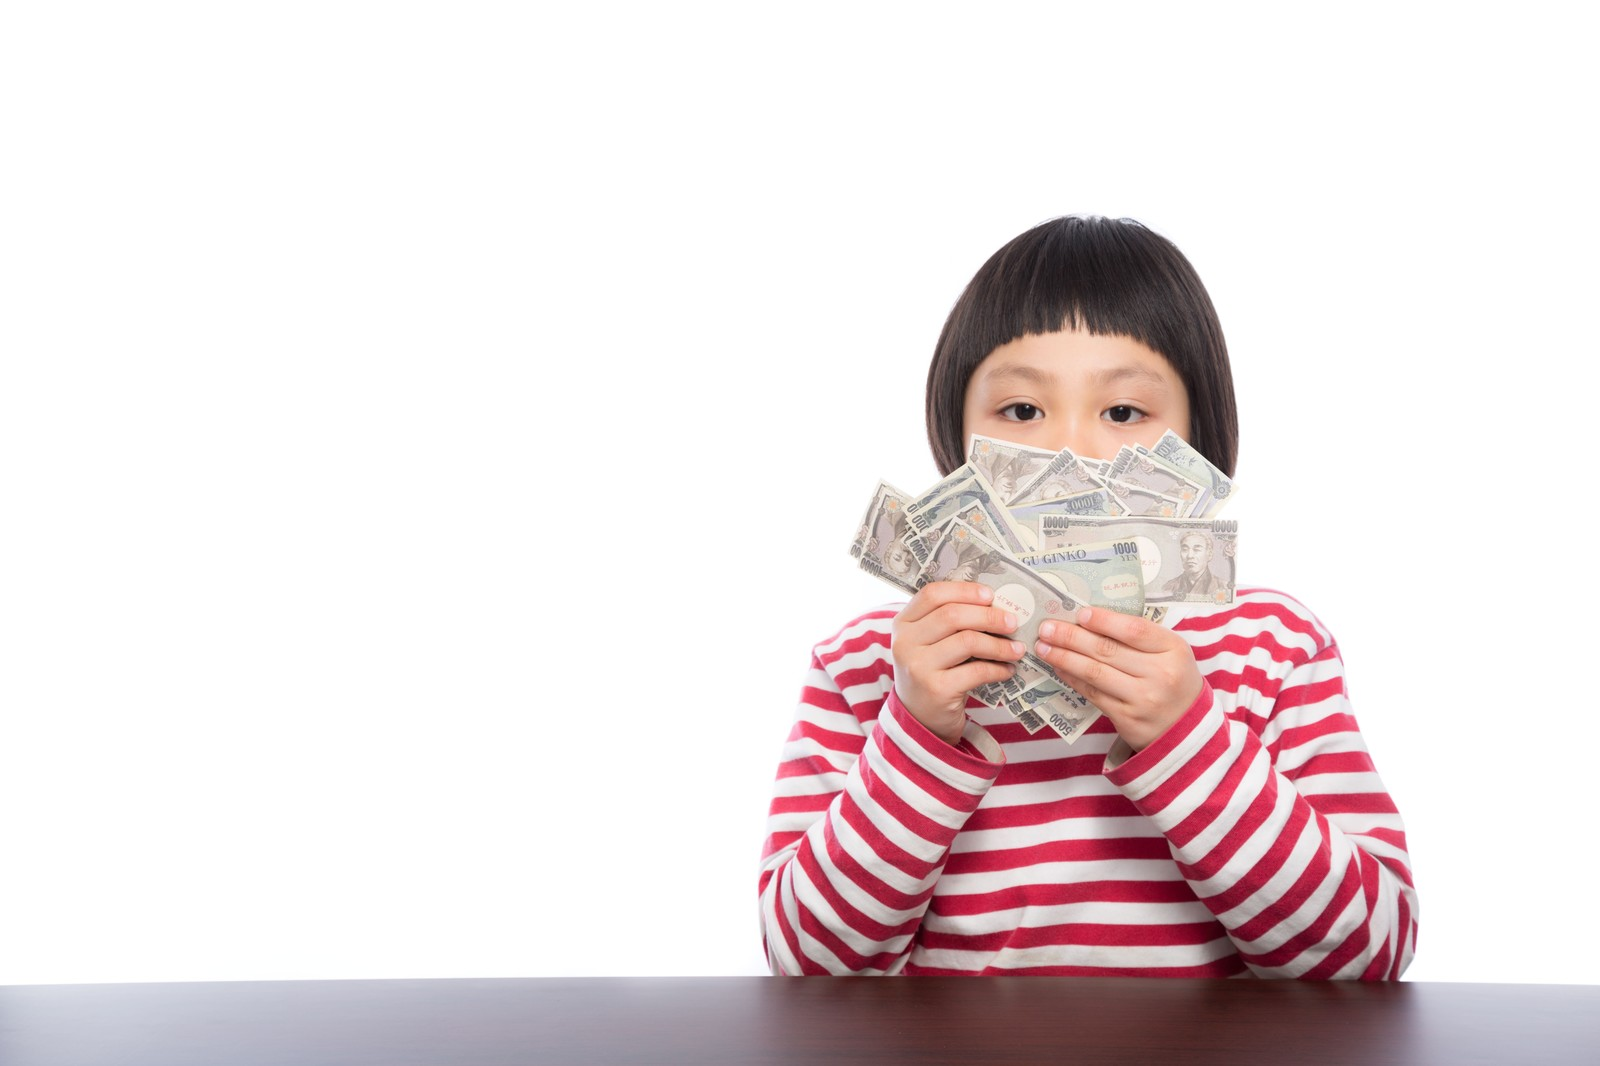 「お年玉が子供銀行券だった時の表情」の写真[モデル:ゆうき]